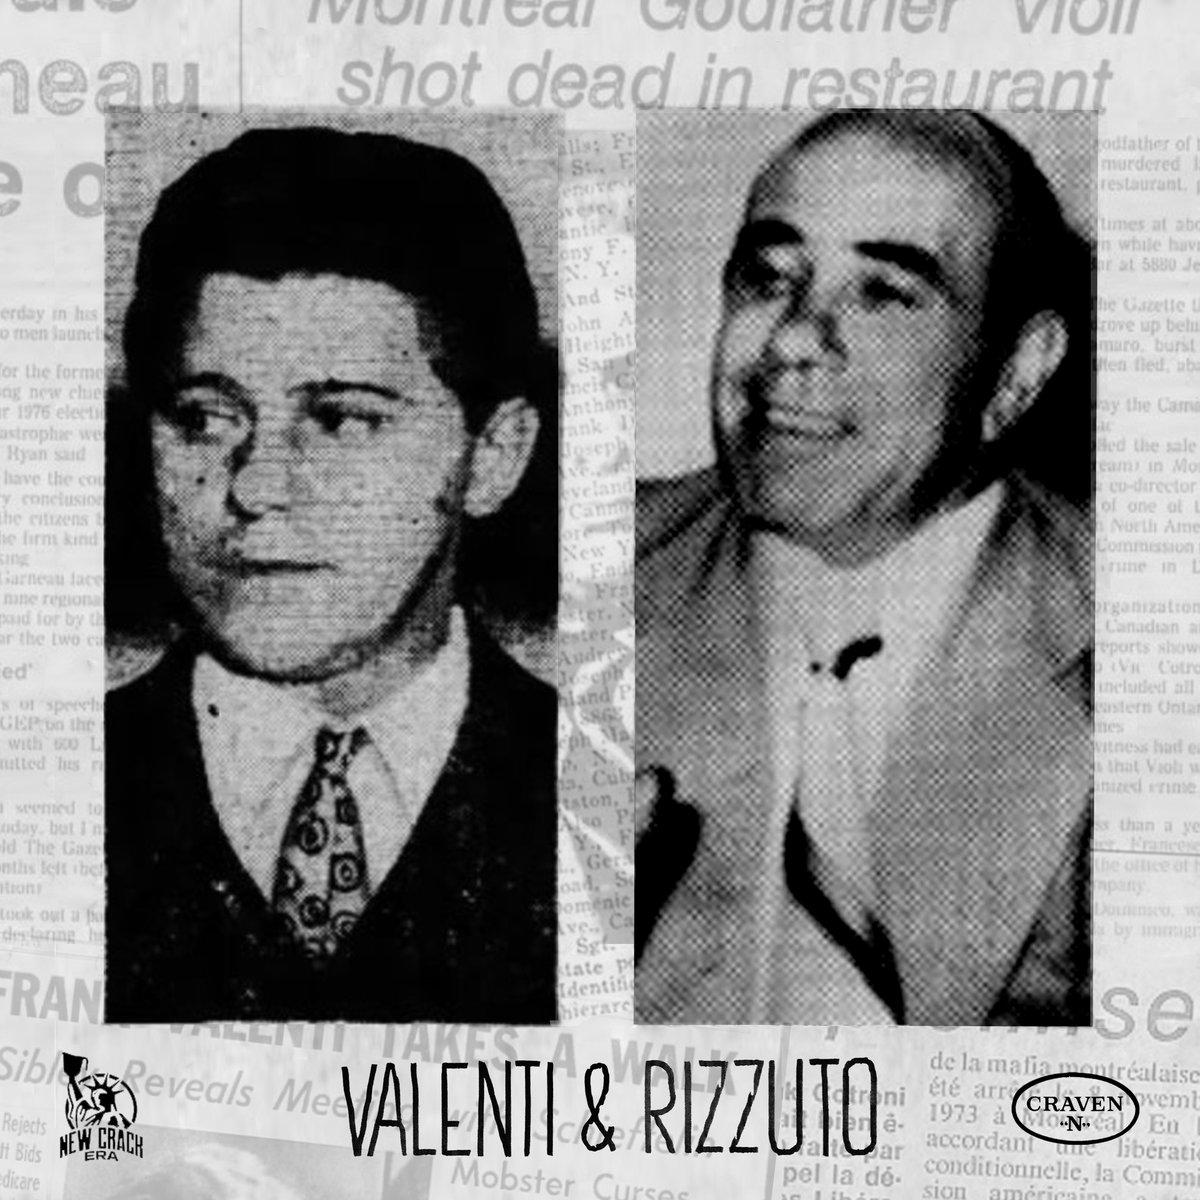 Valenti___rizzuto